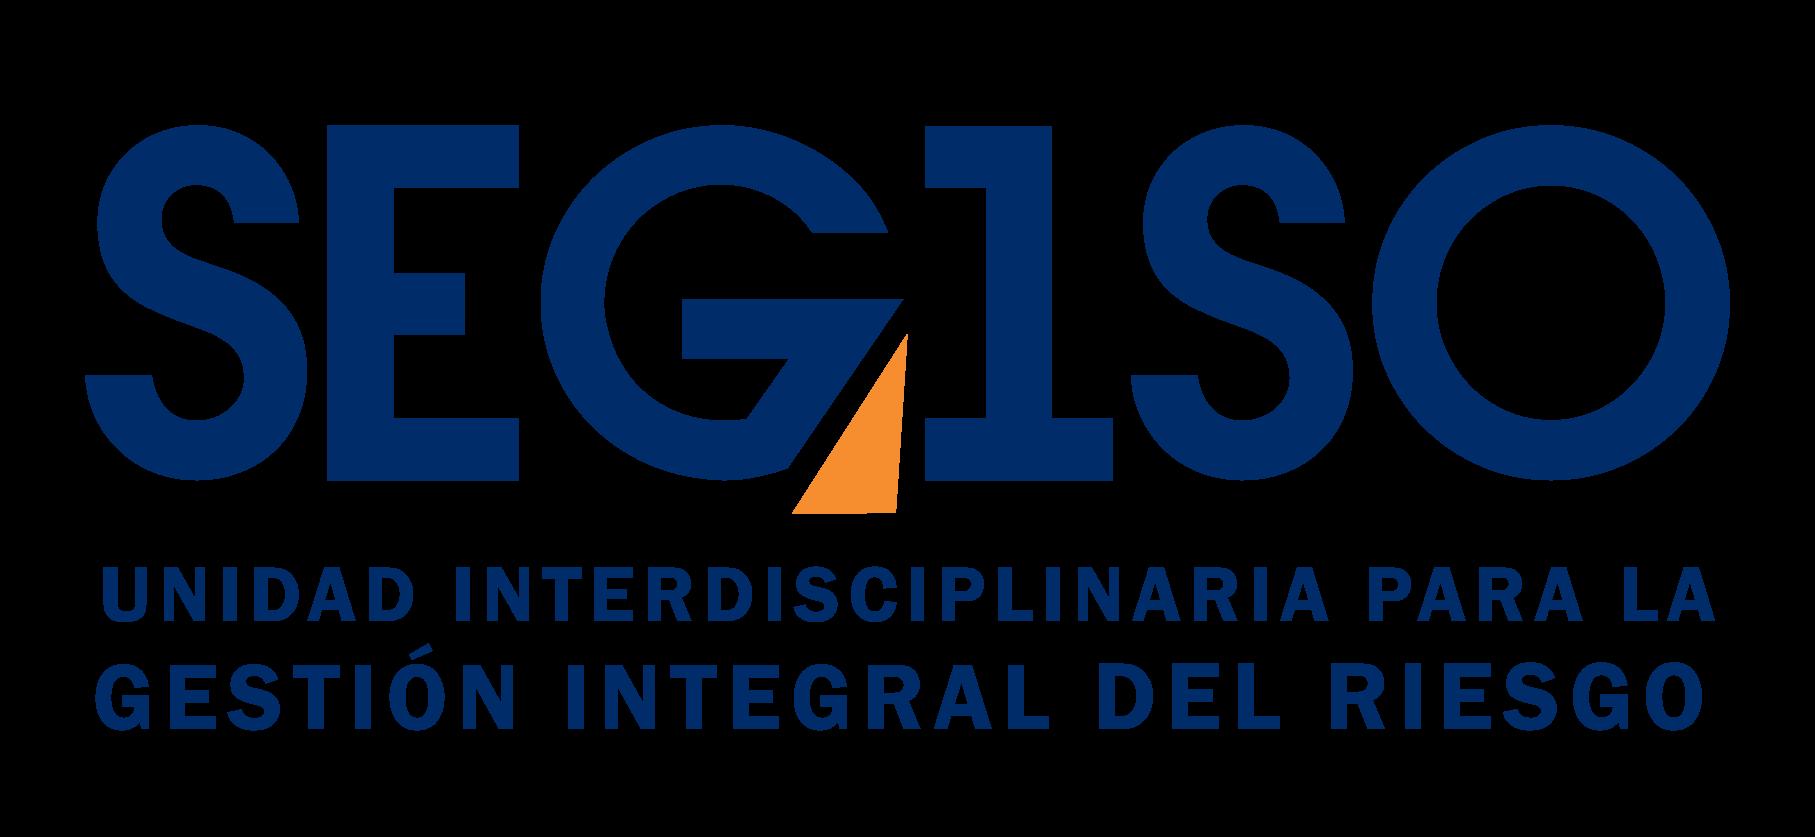 SEGISO UNIDAD INTERDISCIPLINARIA PARA LA GESTIÓN INTEGRAL DEL RIESGO